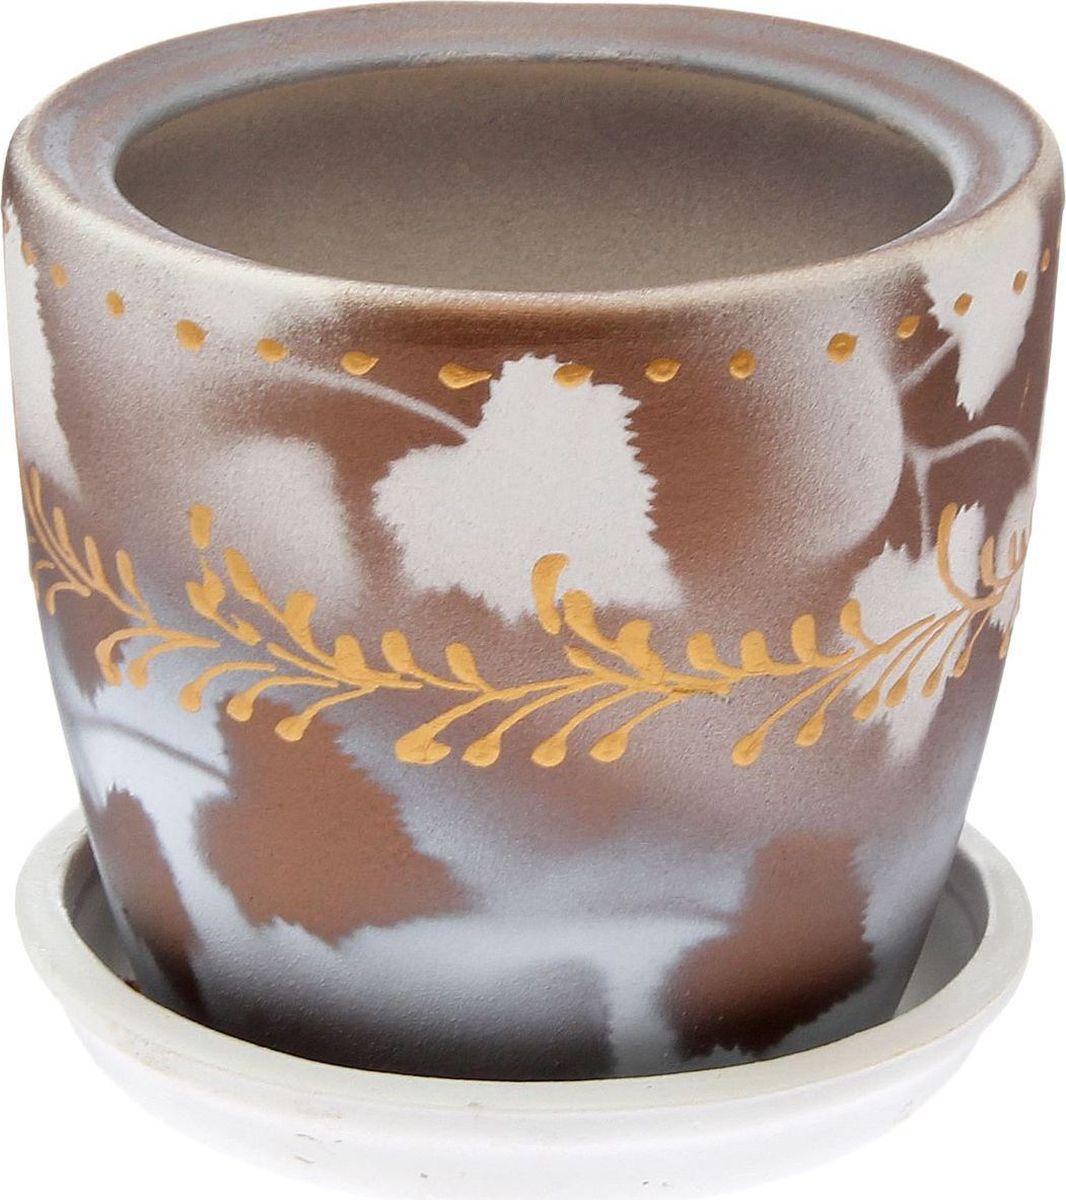 Кашпо, цвет: белый, коричневый, 1 л. 23827832382783Комнатные растения — всеобщие любимцы. Они радуют глаз, насыщают помещение кислородом и украшают пространство. Каждому из них необходим свой удобный и красивый дом. Кашпо из керамики прекрасно подходят для высадки растений: за счет пластичности глины и разных способов обработки существует великое множество форм и дизайнов пористый материал позволяет испаряться лишней влаге воздух, необходимый для дыхания корней, проникает сквозь керамические стенки! позаботится о зеленом питомце, освежит интерьер и подчеркнет его стиль.